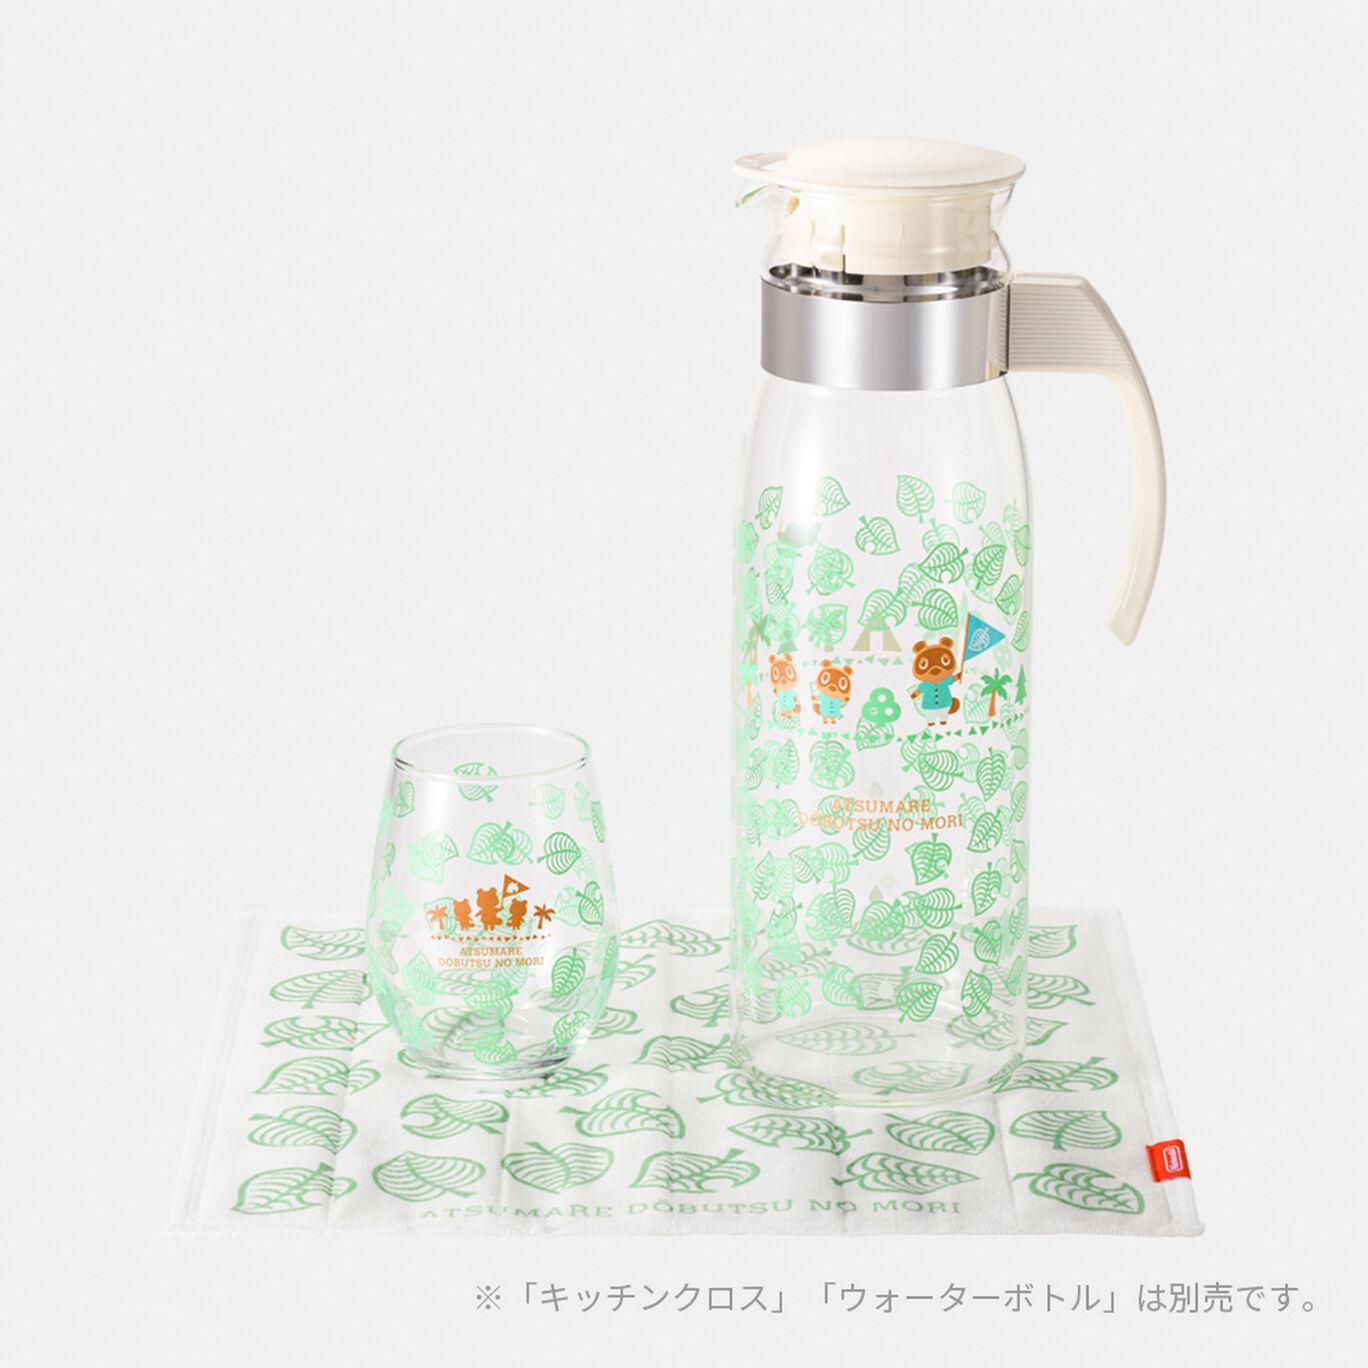 【新商品】グラス あつまれ どうぶつの森【Nintendo TOKYO取り扱い商品】